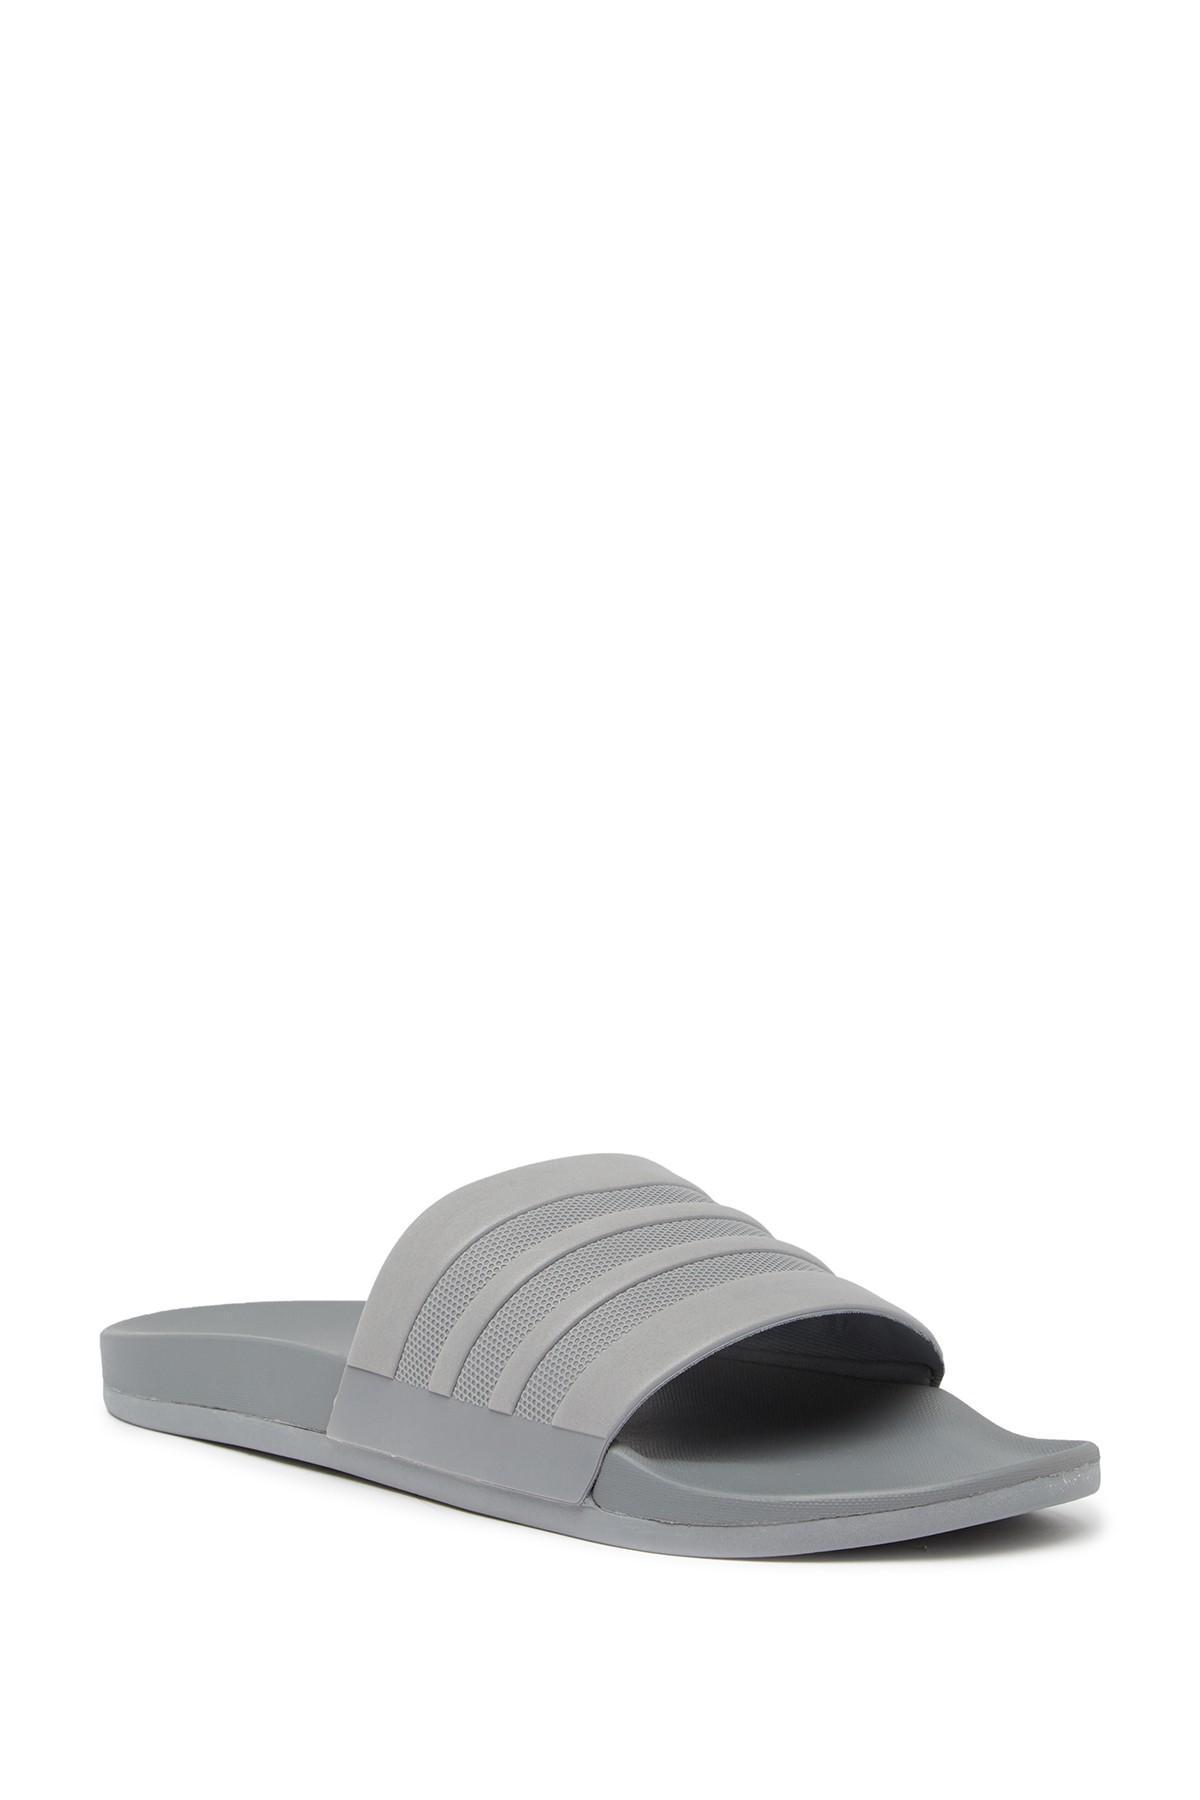 c4fa96026dd Lyst - adidas Adilette Cloudfoam Mono Sport Slide Sandal (men) in ...